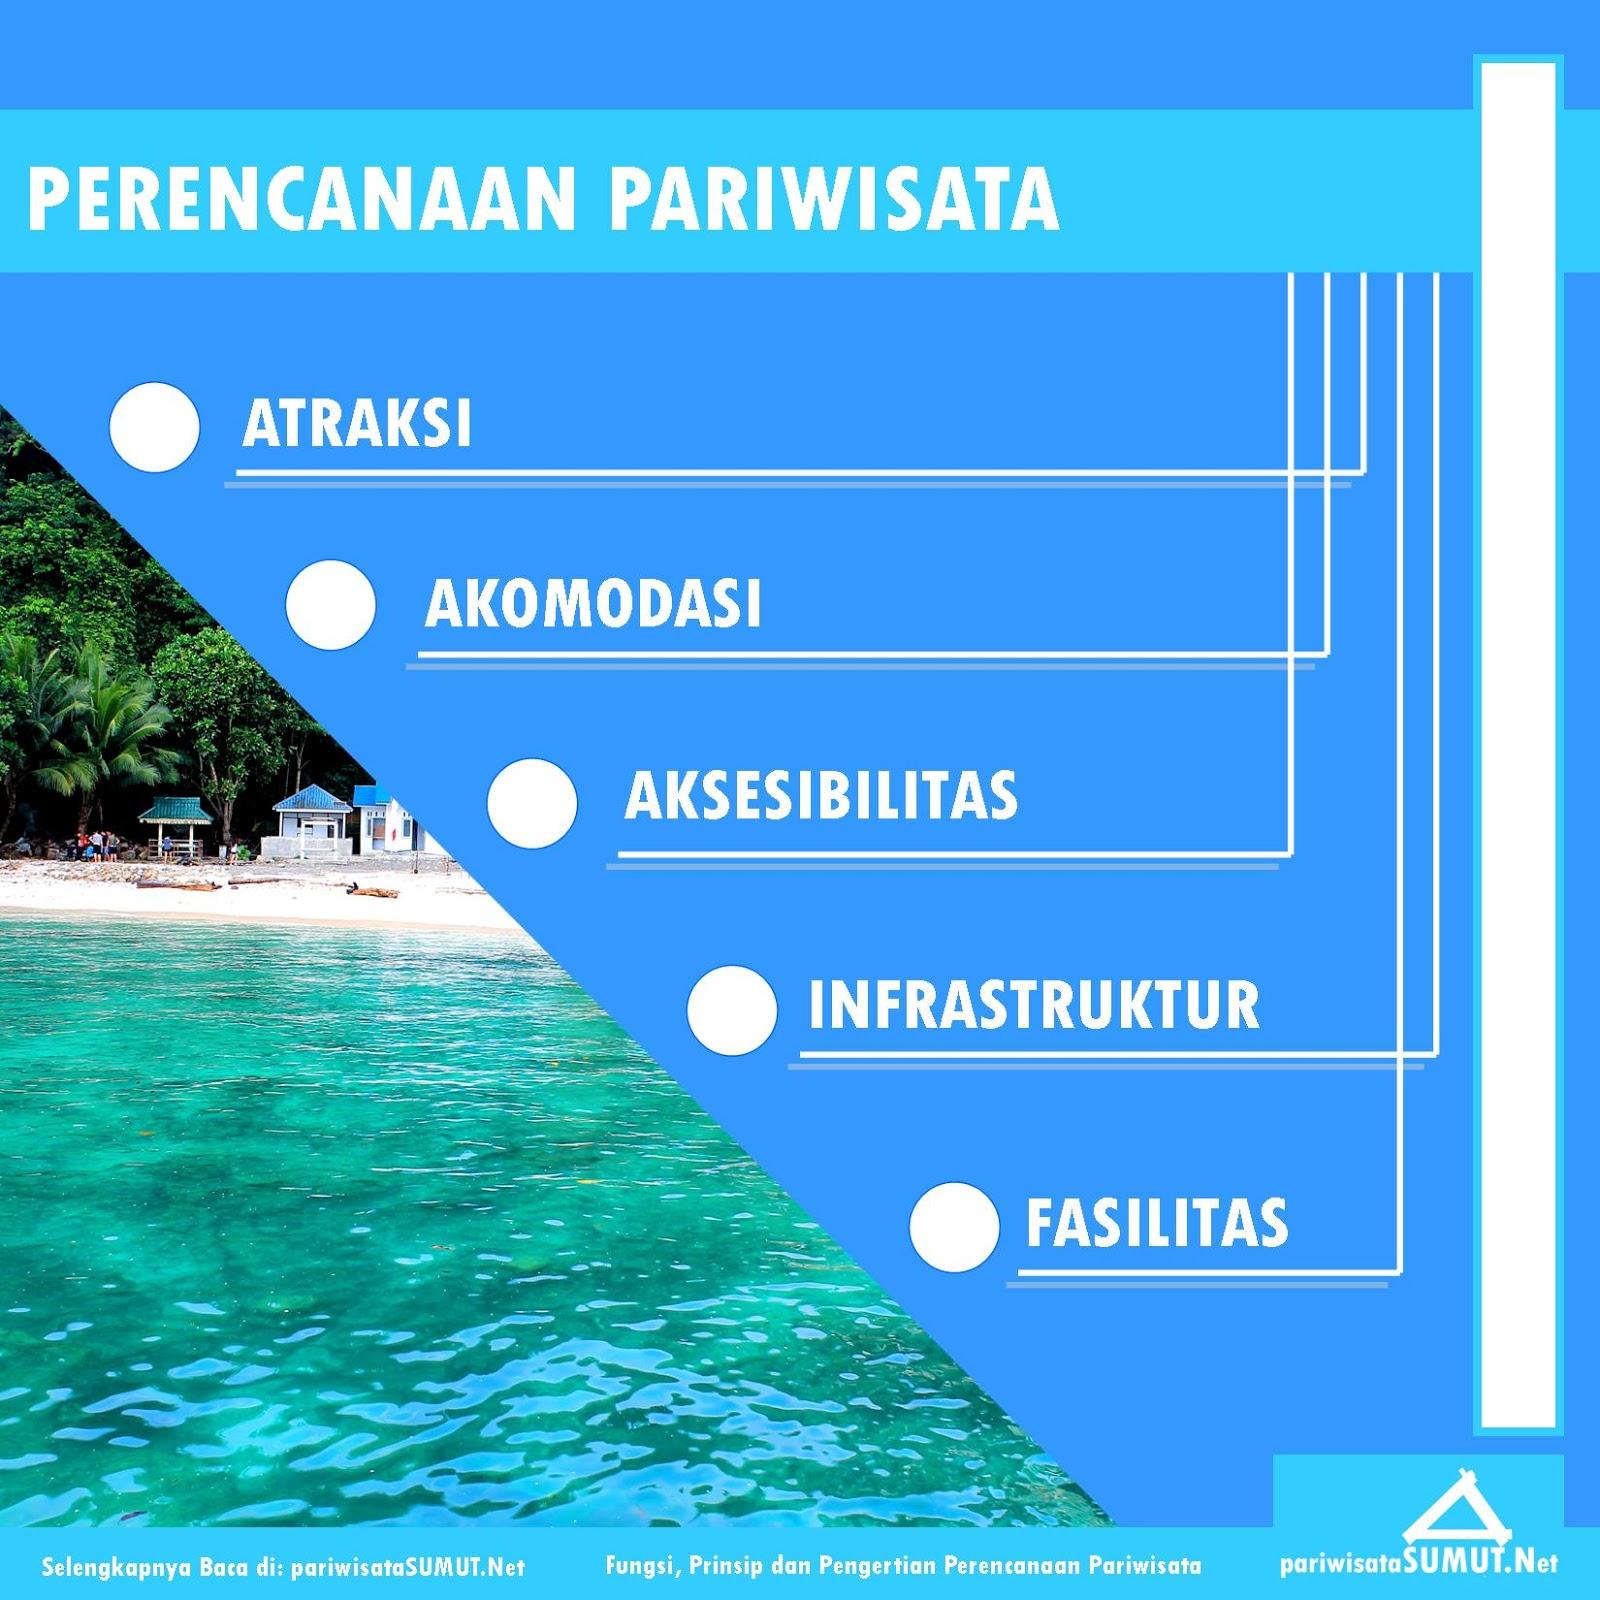 Fungsi, Prinsip dan Pengertian Perencanaan Pariwisata - Pariwisata